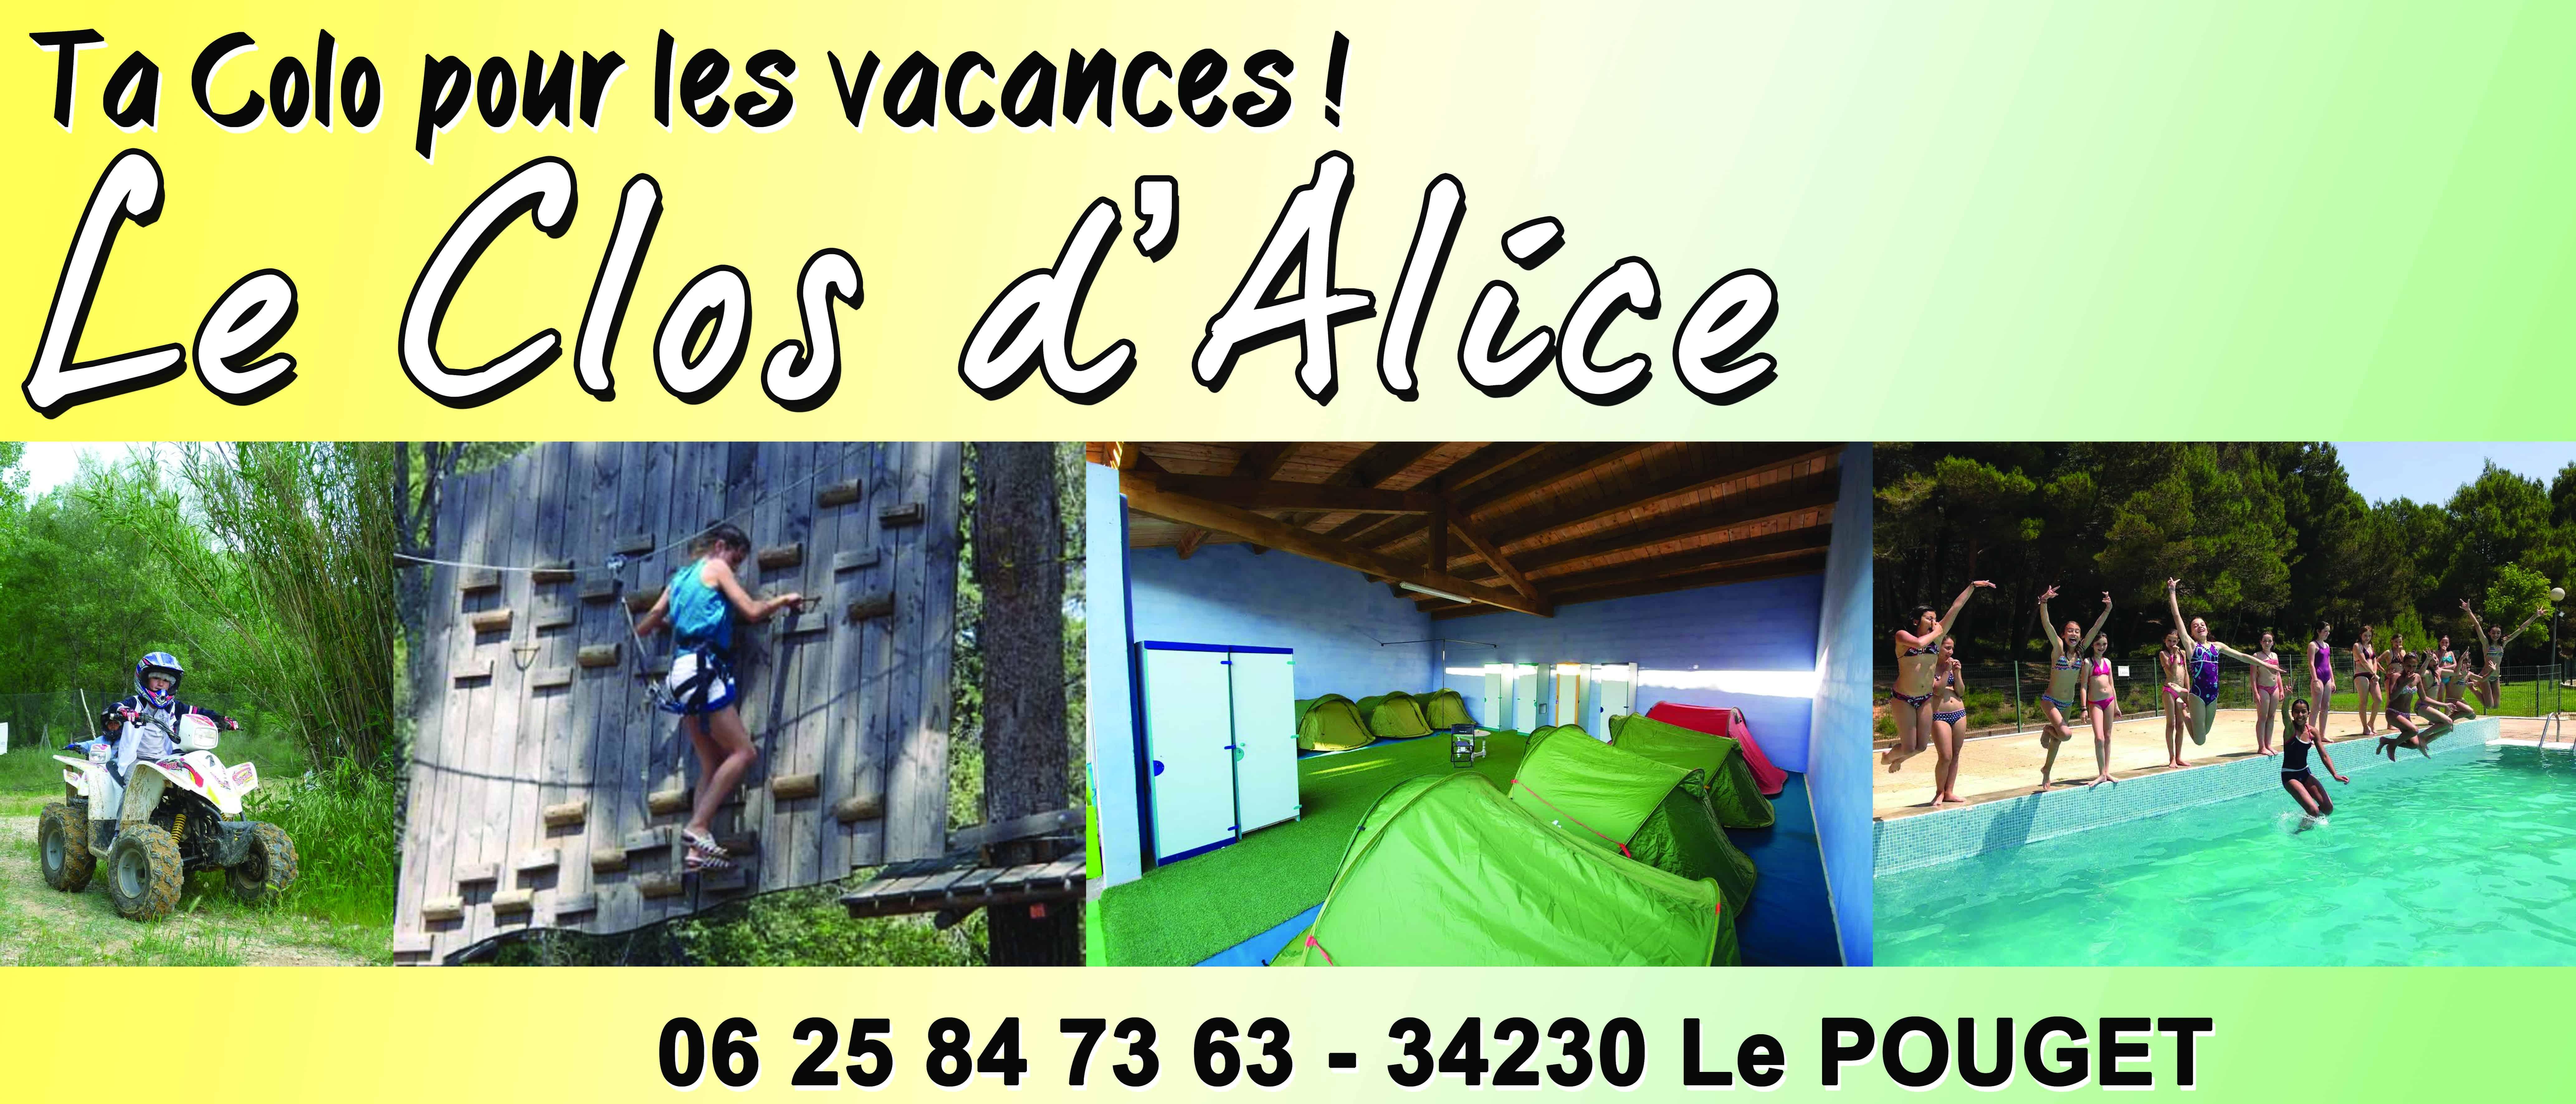 Le clos d'Alice Centre VACANCES2 Jaune et vert